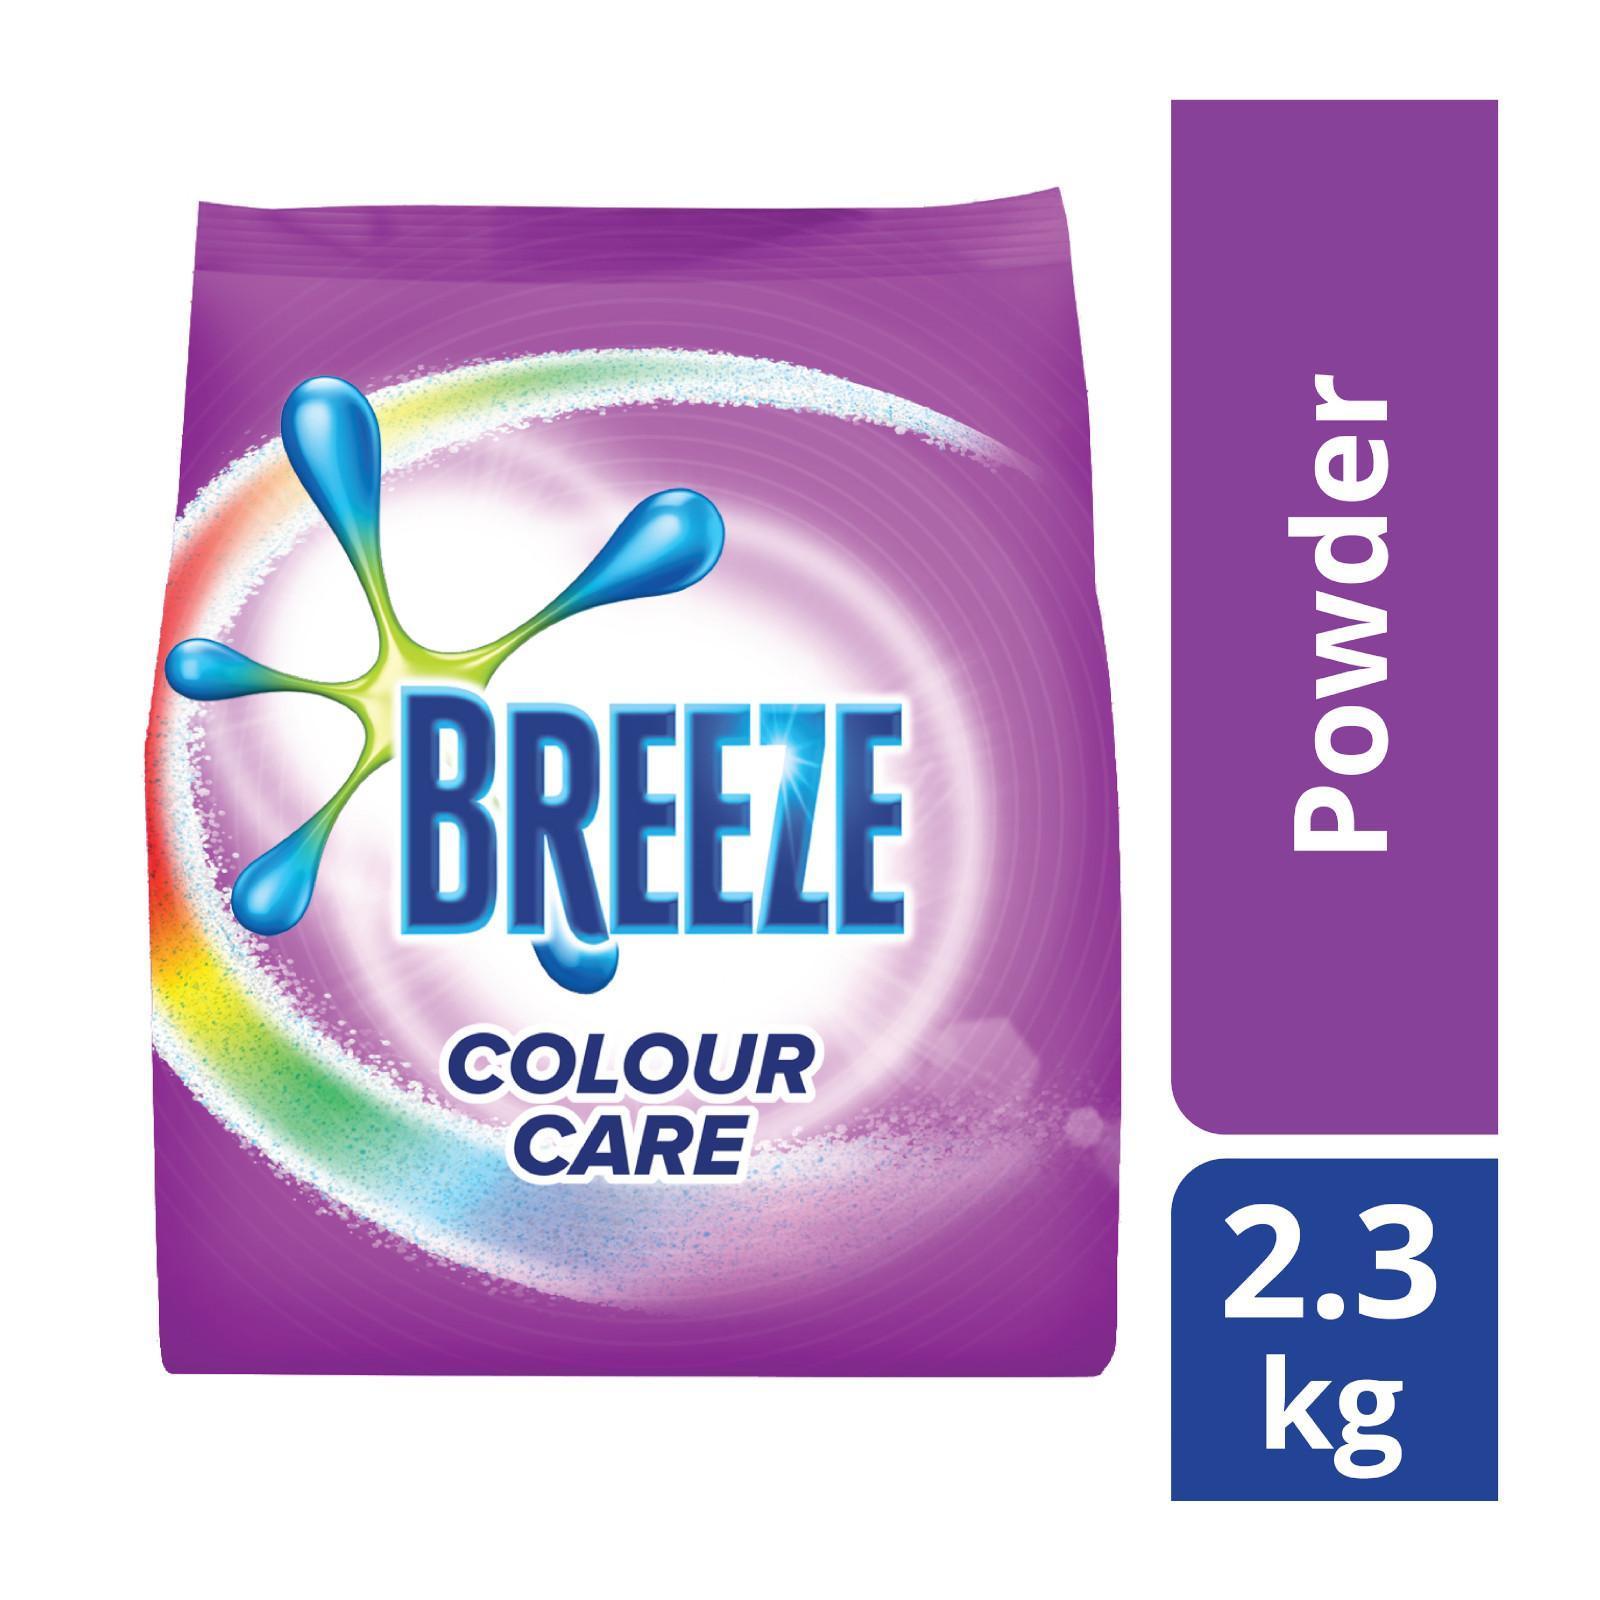 BREEZE Laundry Powder Detergent Colour Care 2.3kg